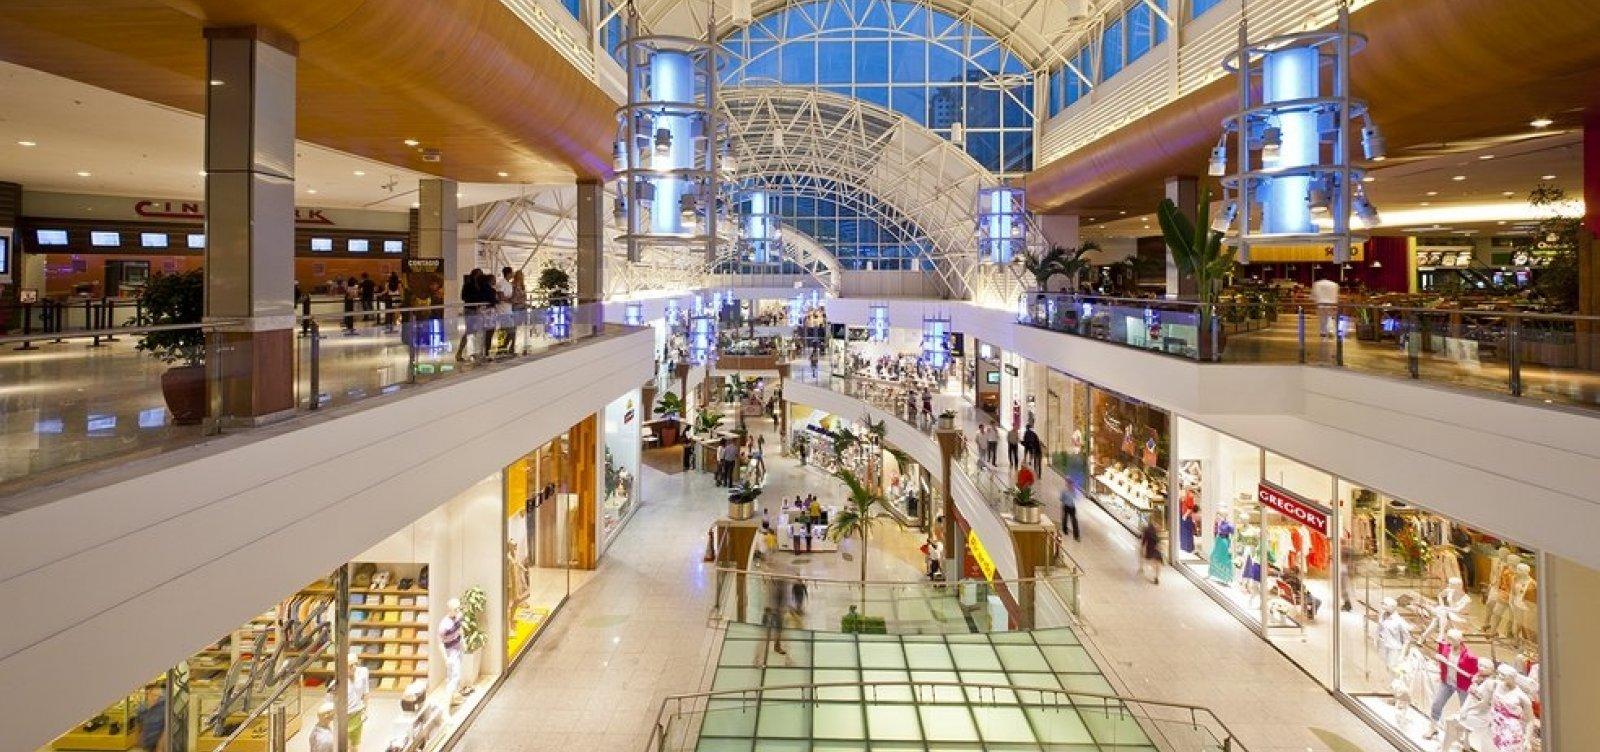 [Semana Santa: confira o horário de funcionamento dos shoppings em Salvador]